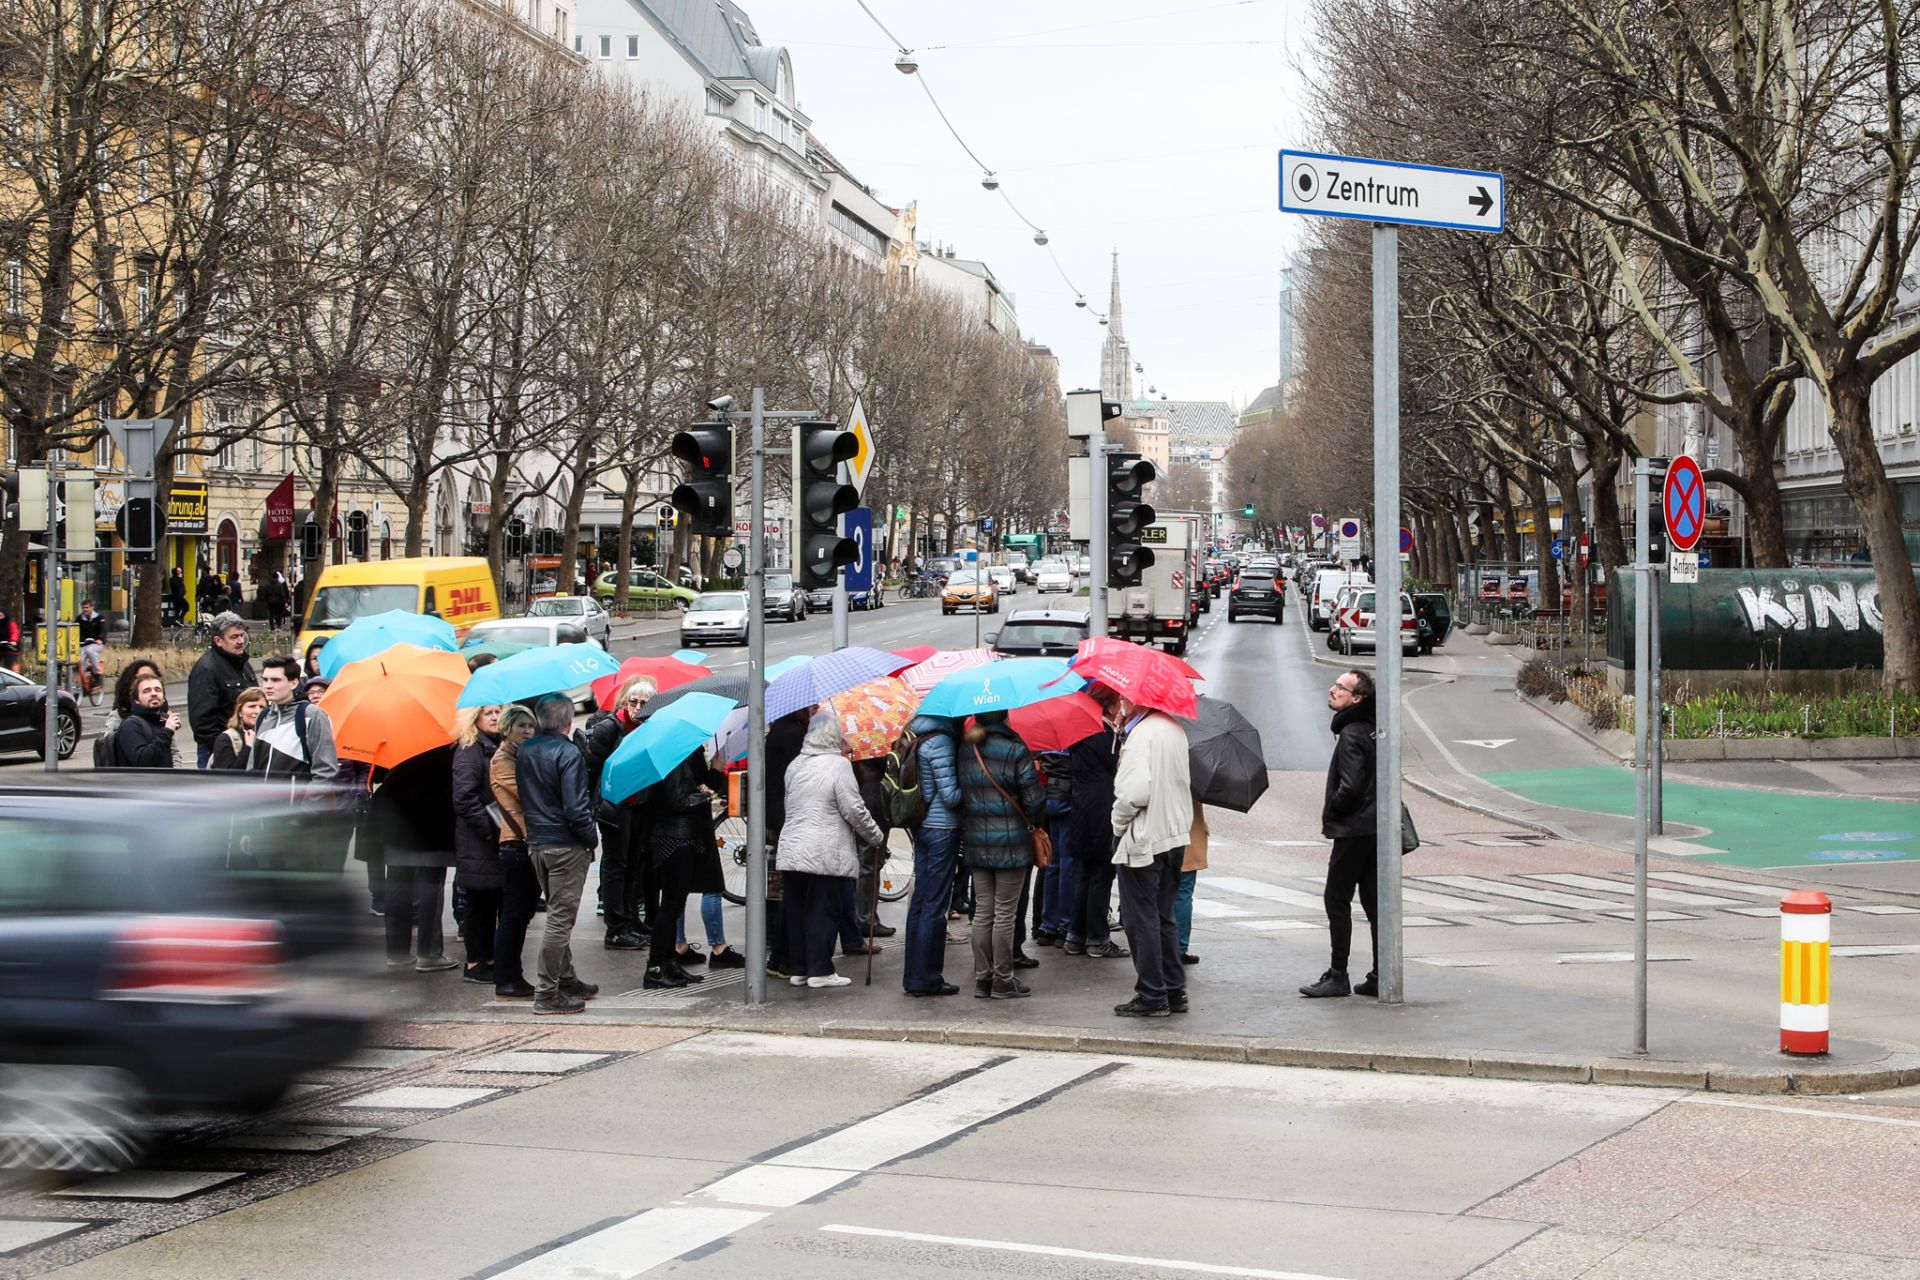 Eine Gruppe Personen wartet am Praterstern bis die Fußgängerampel grün wird um dann die Straße Richtung Praterstraße überqueren zu können. Foto: Christian Fürthner